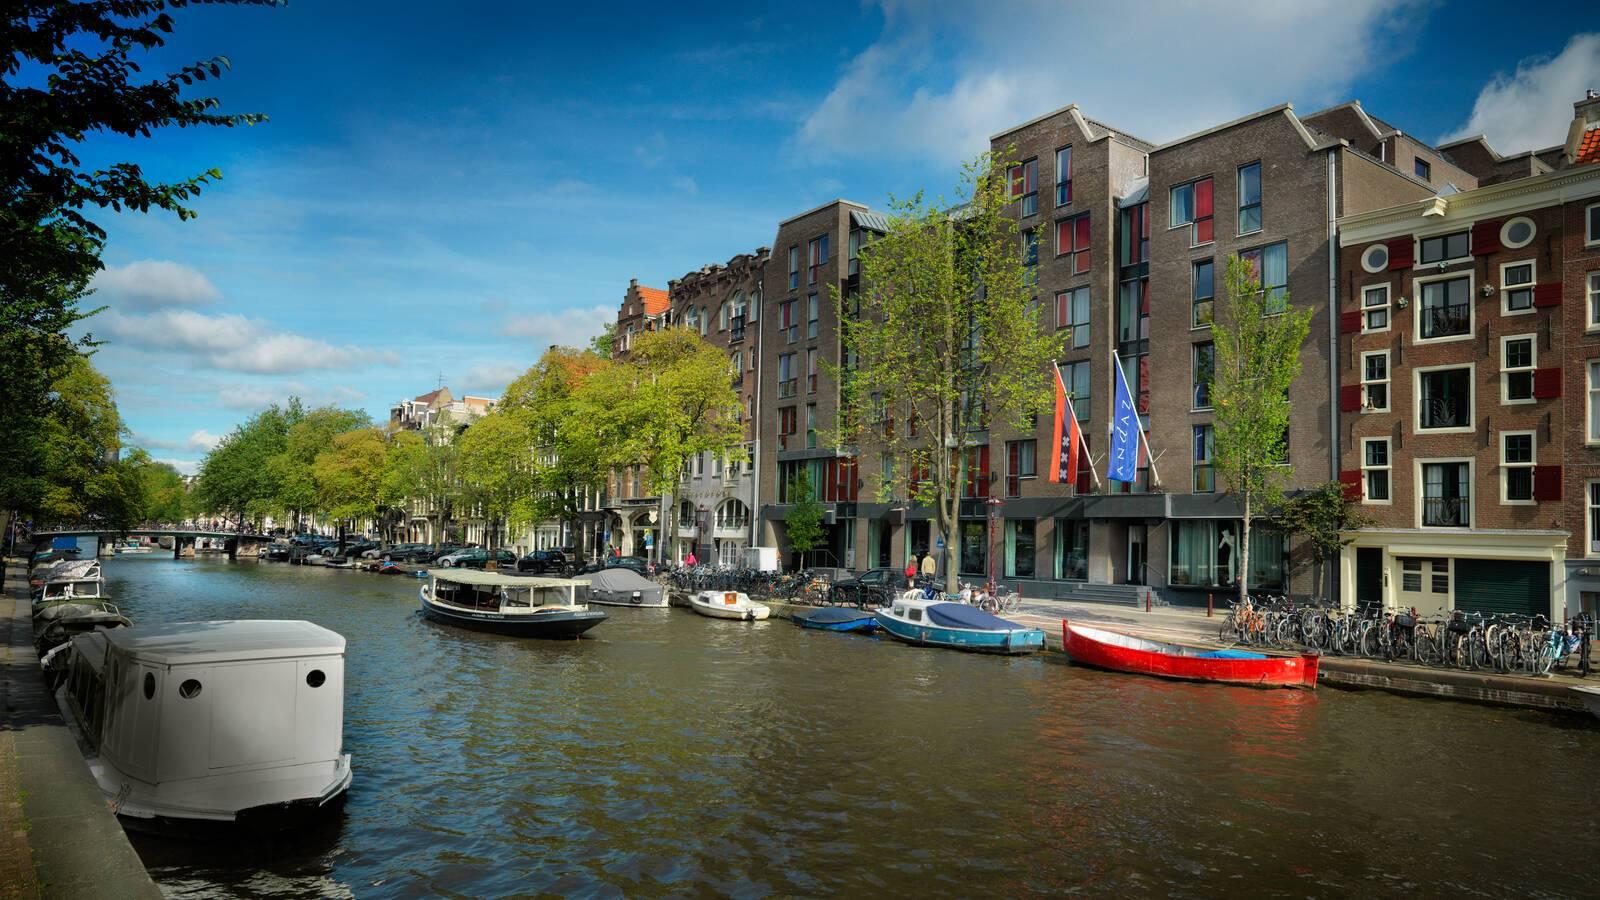 Andaz Exterieur Jour Canaux Amsterdam Pays Bas